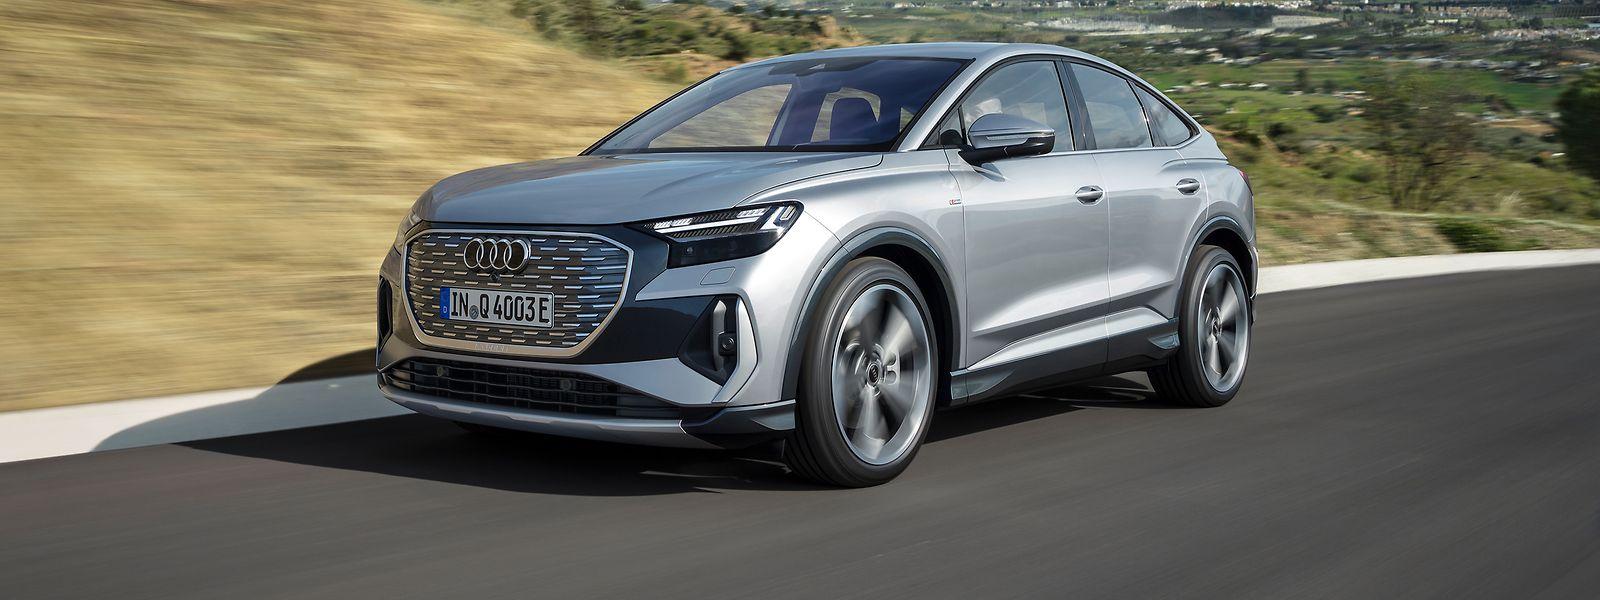 Das vollelektrische Modell Q4 e-tron (hier: Sportback) steht für den Einstieg des deutschen Autoherstellers in die Premium-E-Mobilität im Kompaktsegment.